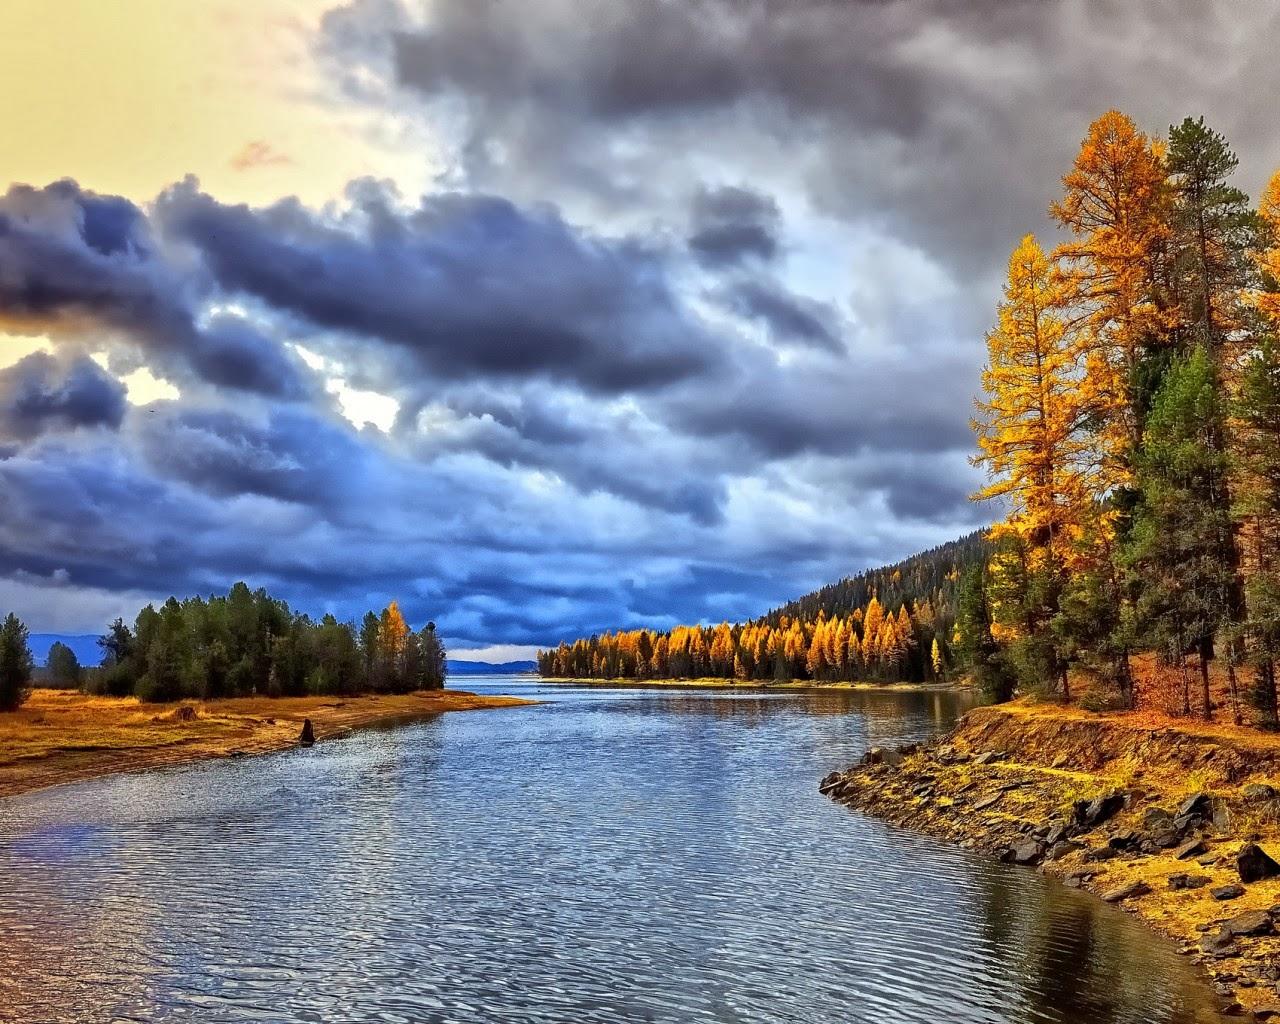 بالصور صور طبيعية جميلة , اماكن ستذهلك من جمالها 2062 8